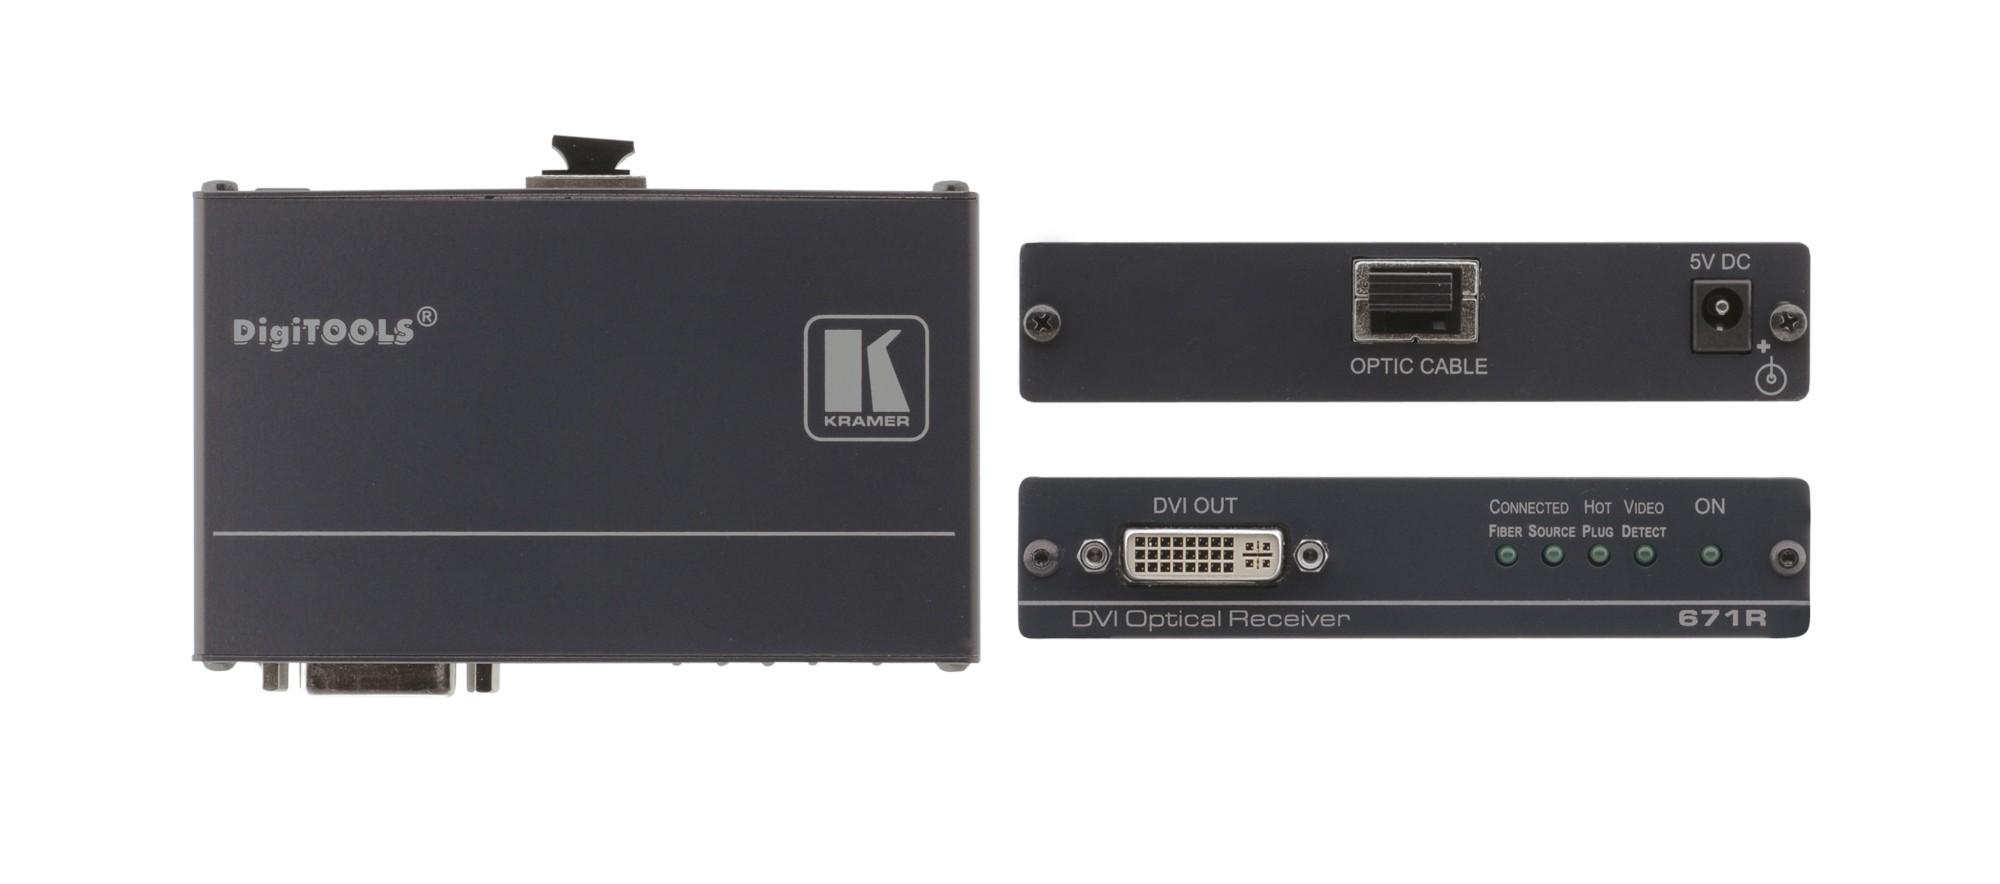 Kramer Electronics 671R AV receiver Black AV extender